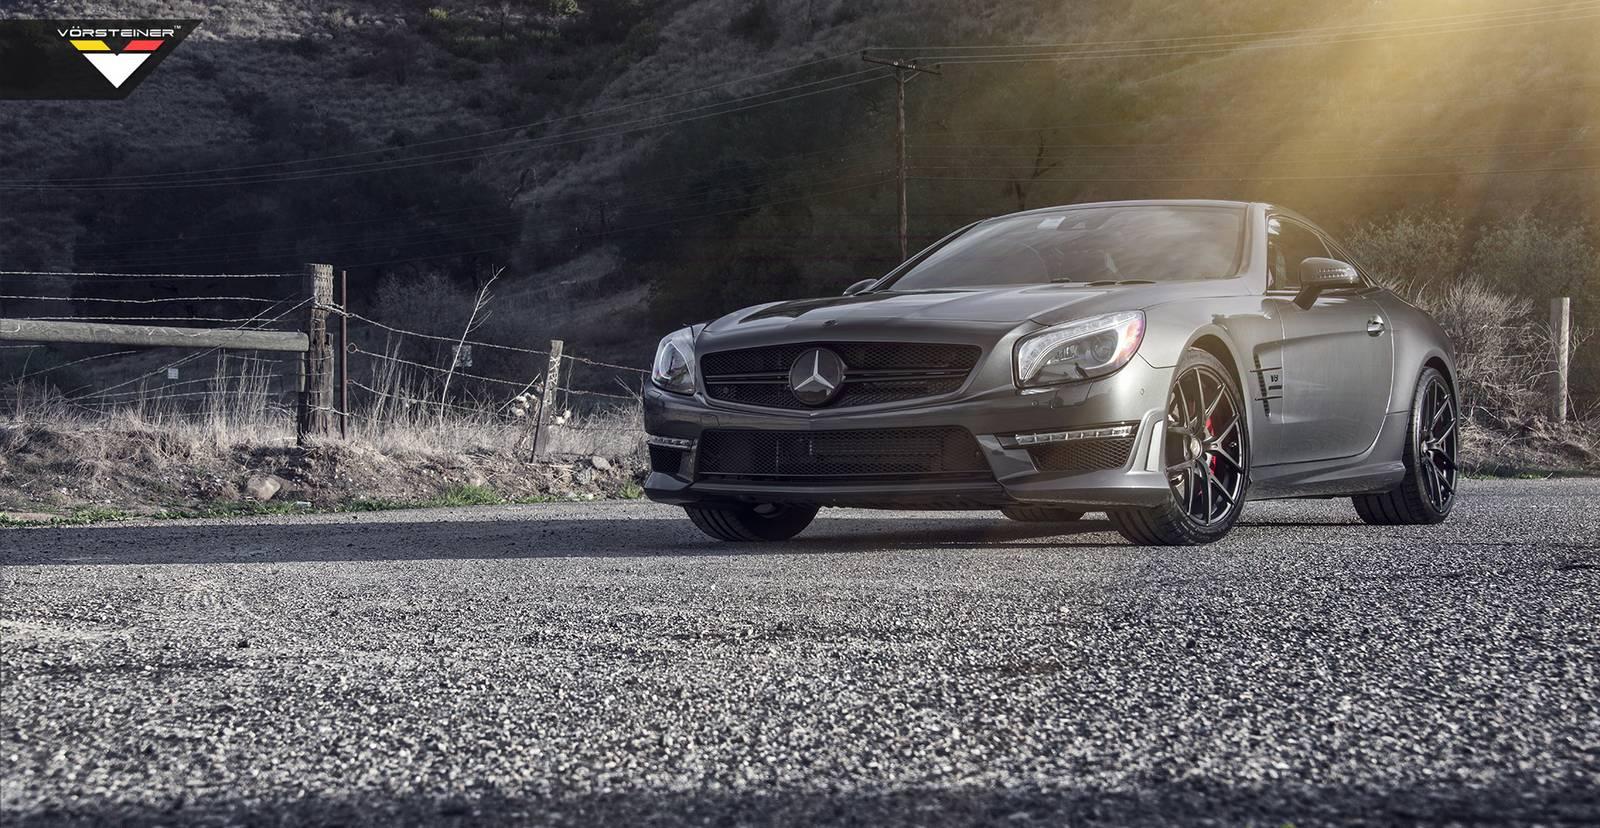 114 Vorsteiner Wheels Enhances 2014 Mercedes Benz SL63 AMG